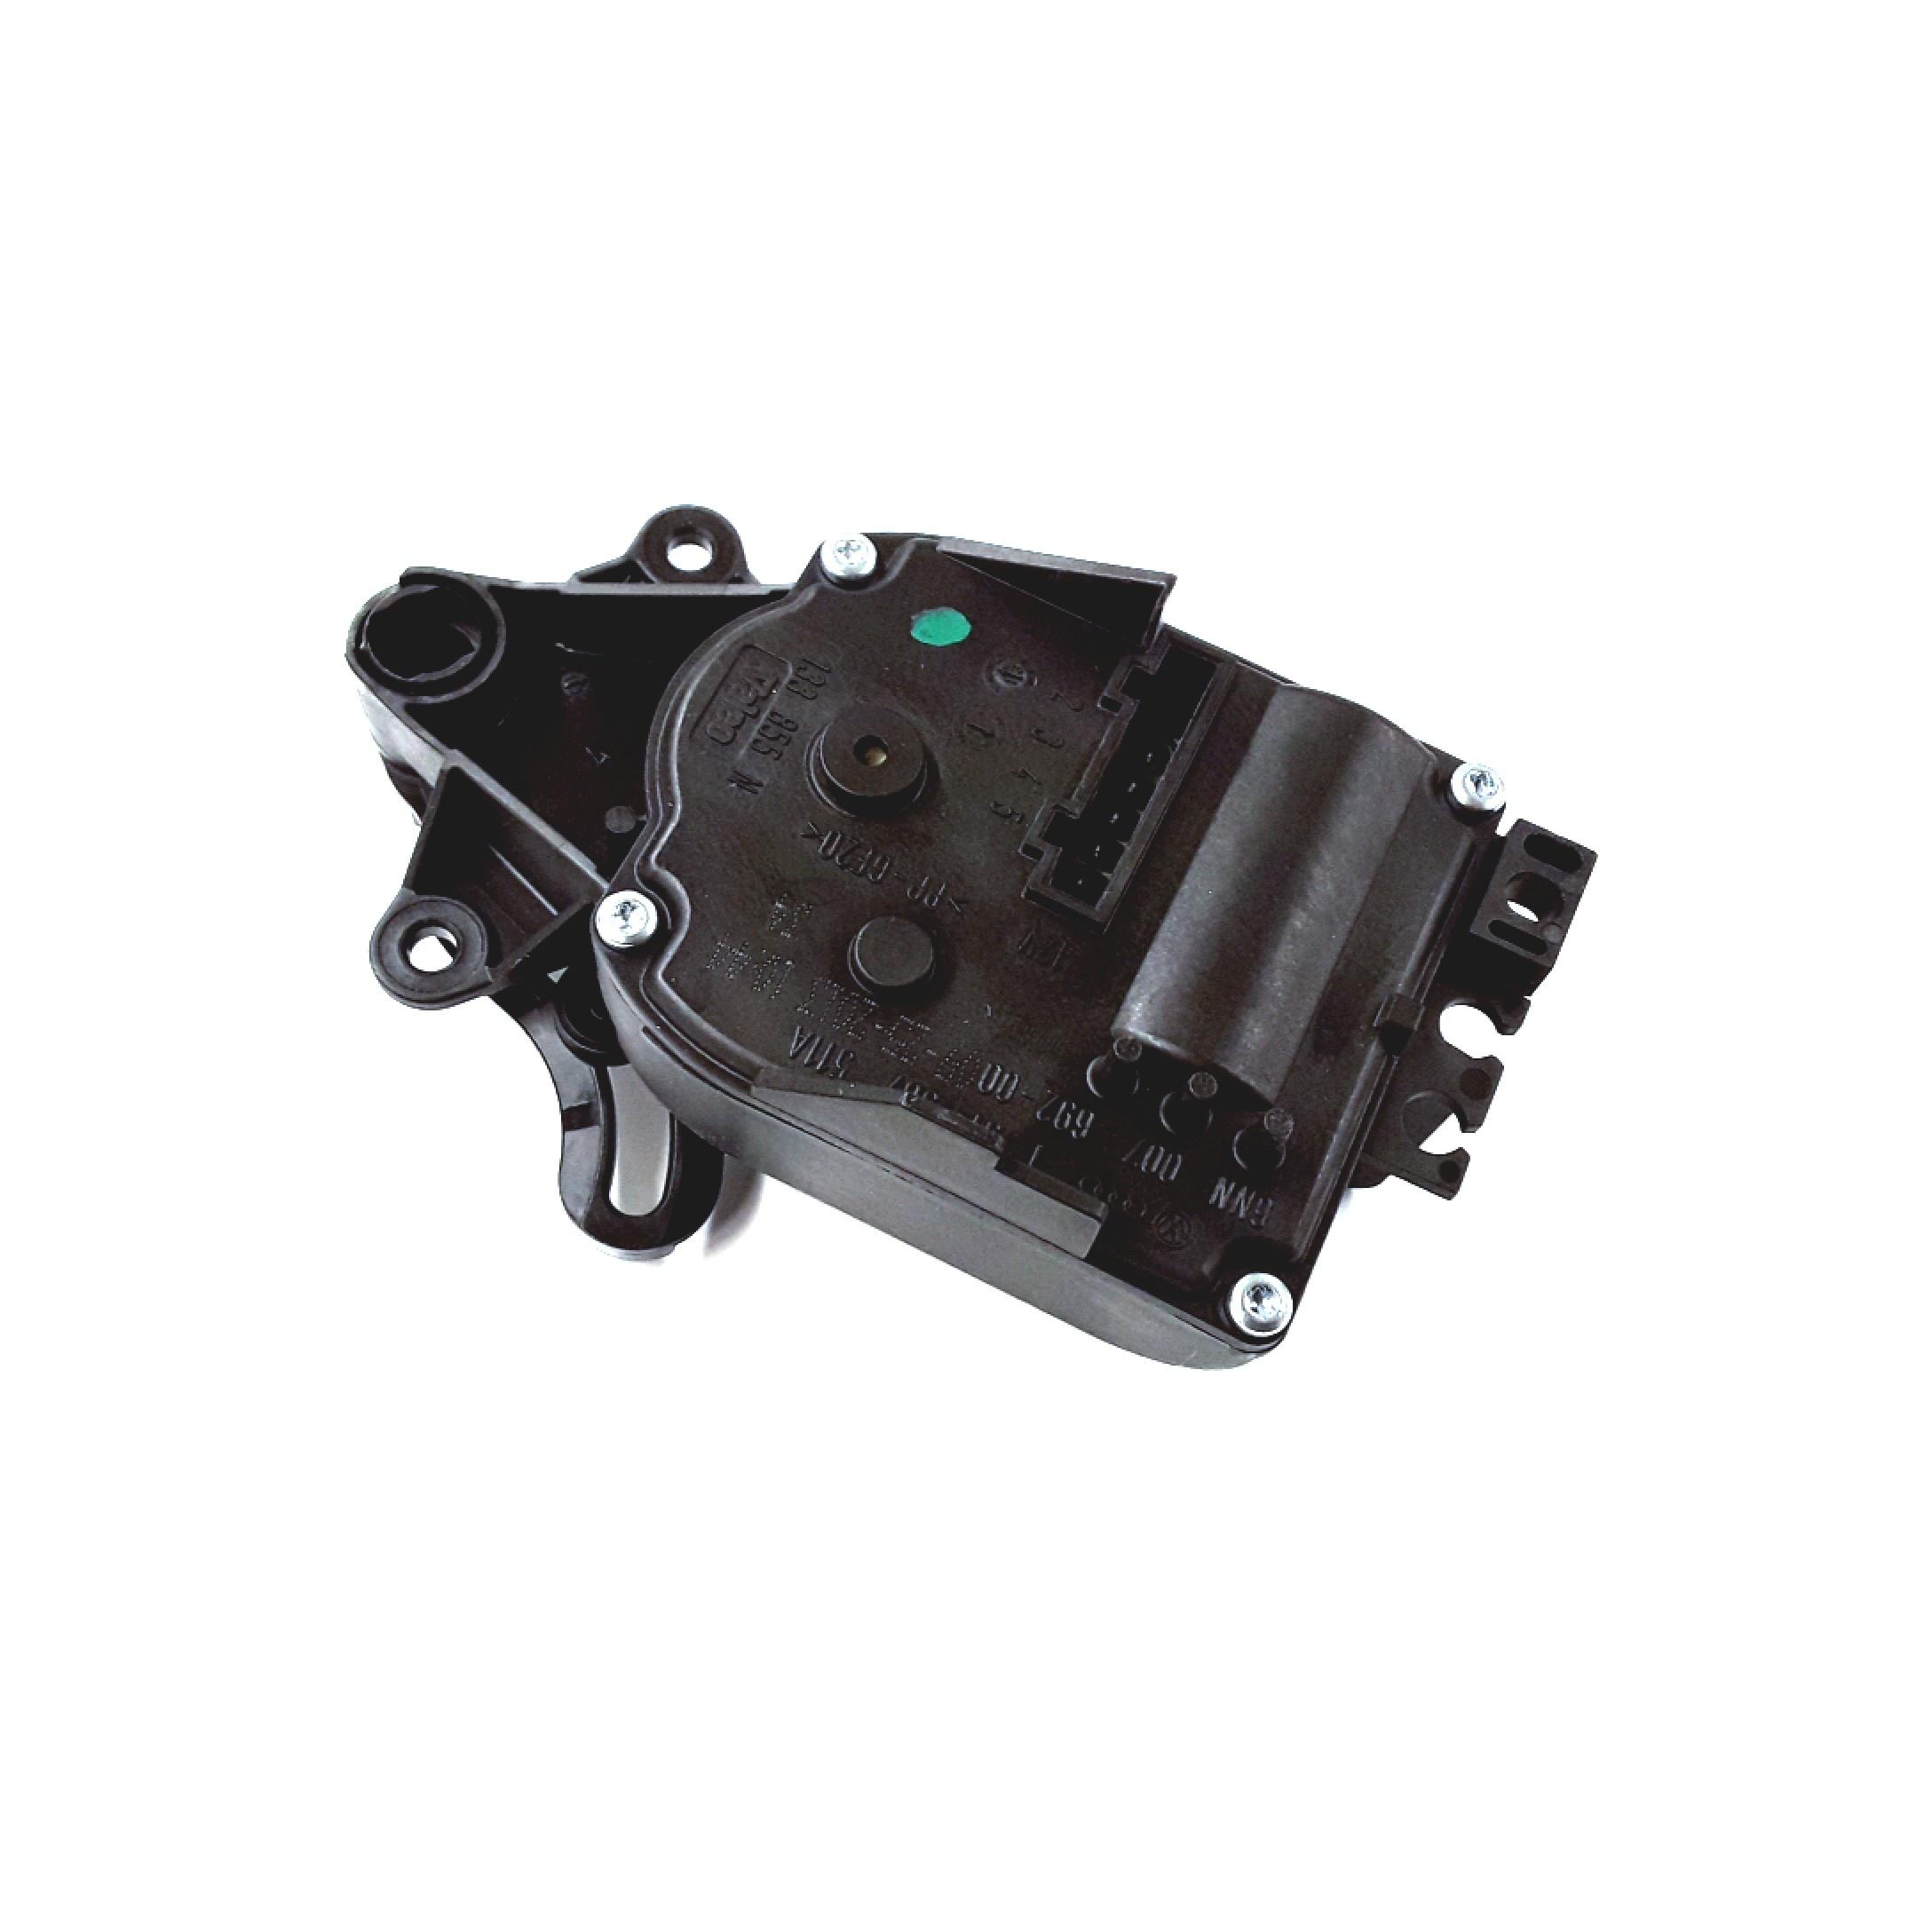 2002 volkswagen beetle turbo s 1 8l m t adjust motor hvac for Door actuator